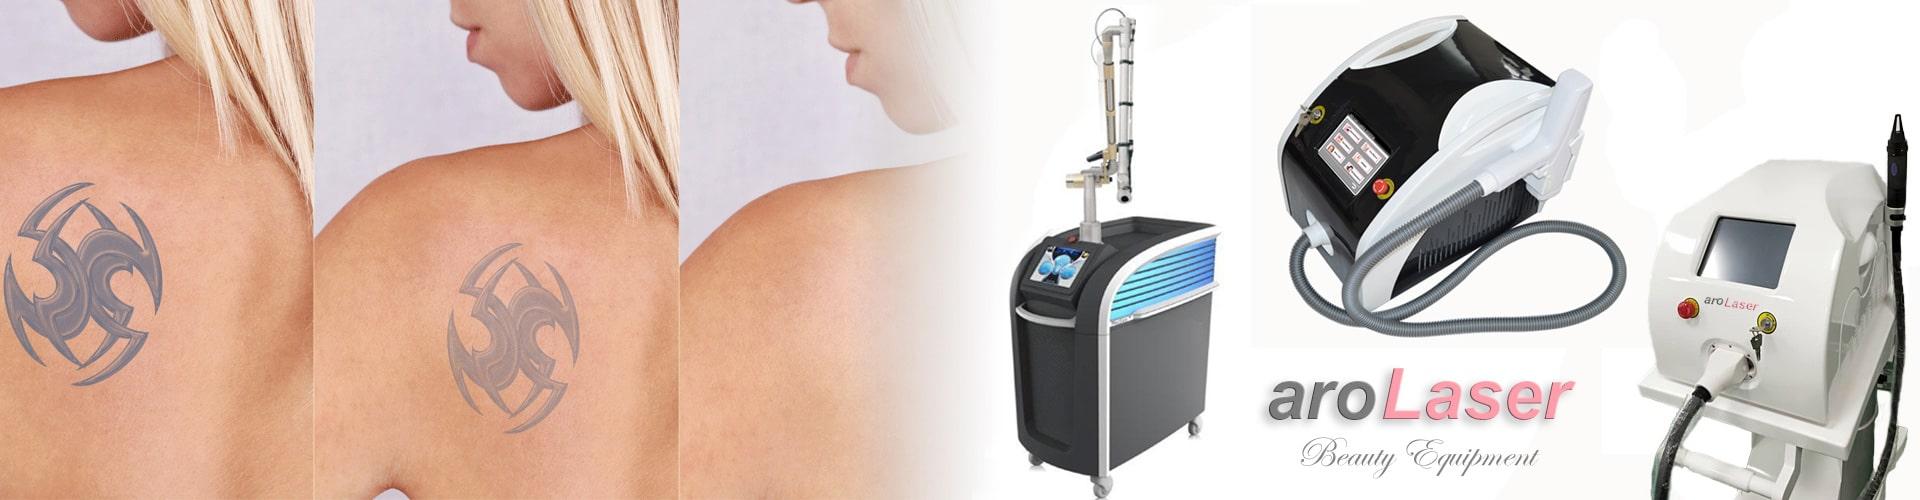 Aparatos-de-Estética-HIFU-Eliminacion-de-tatuajes-LASER-YAG-Q-SWITCH-Arolaser-0043